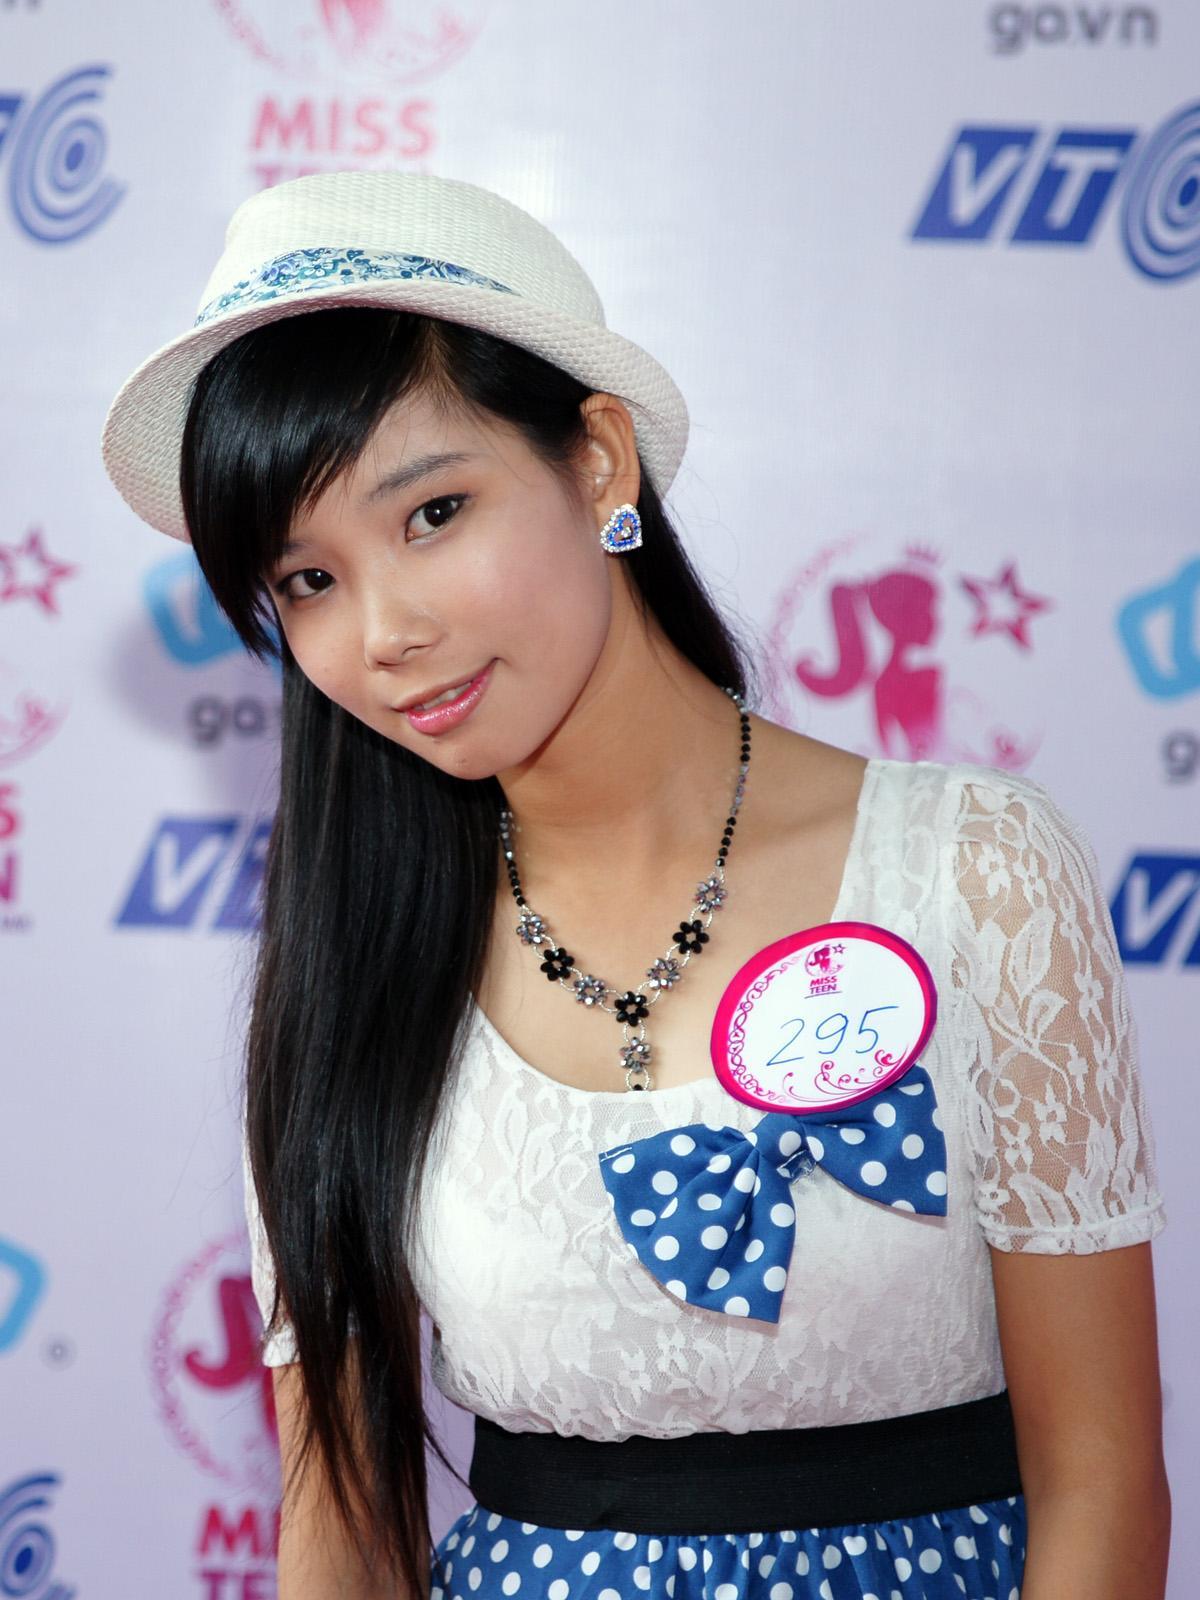 miss teen vietnam 2011 part 8 - Vietnamese girls